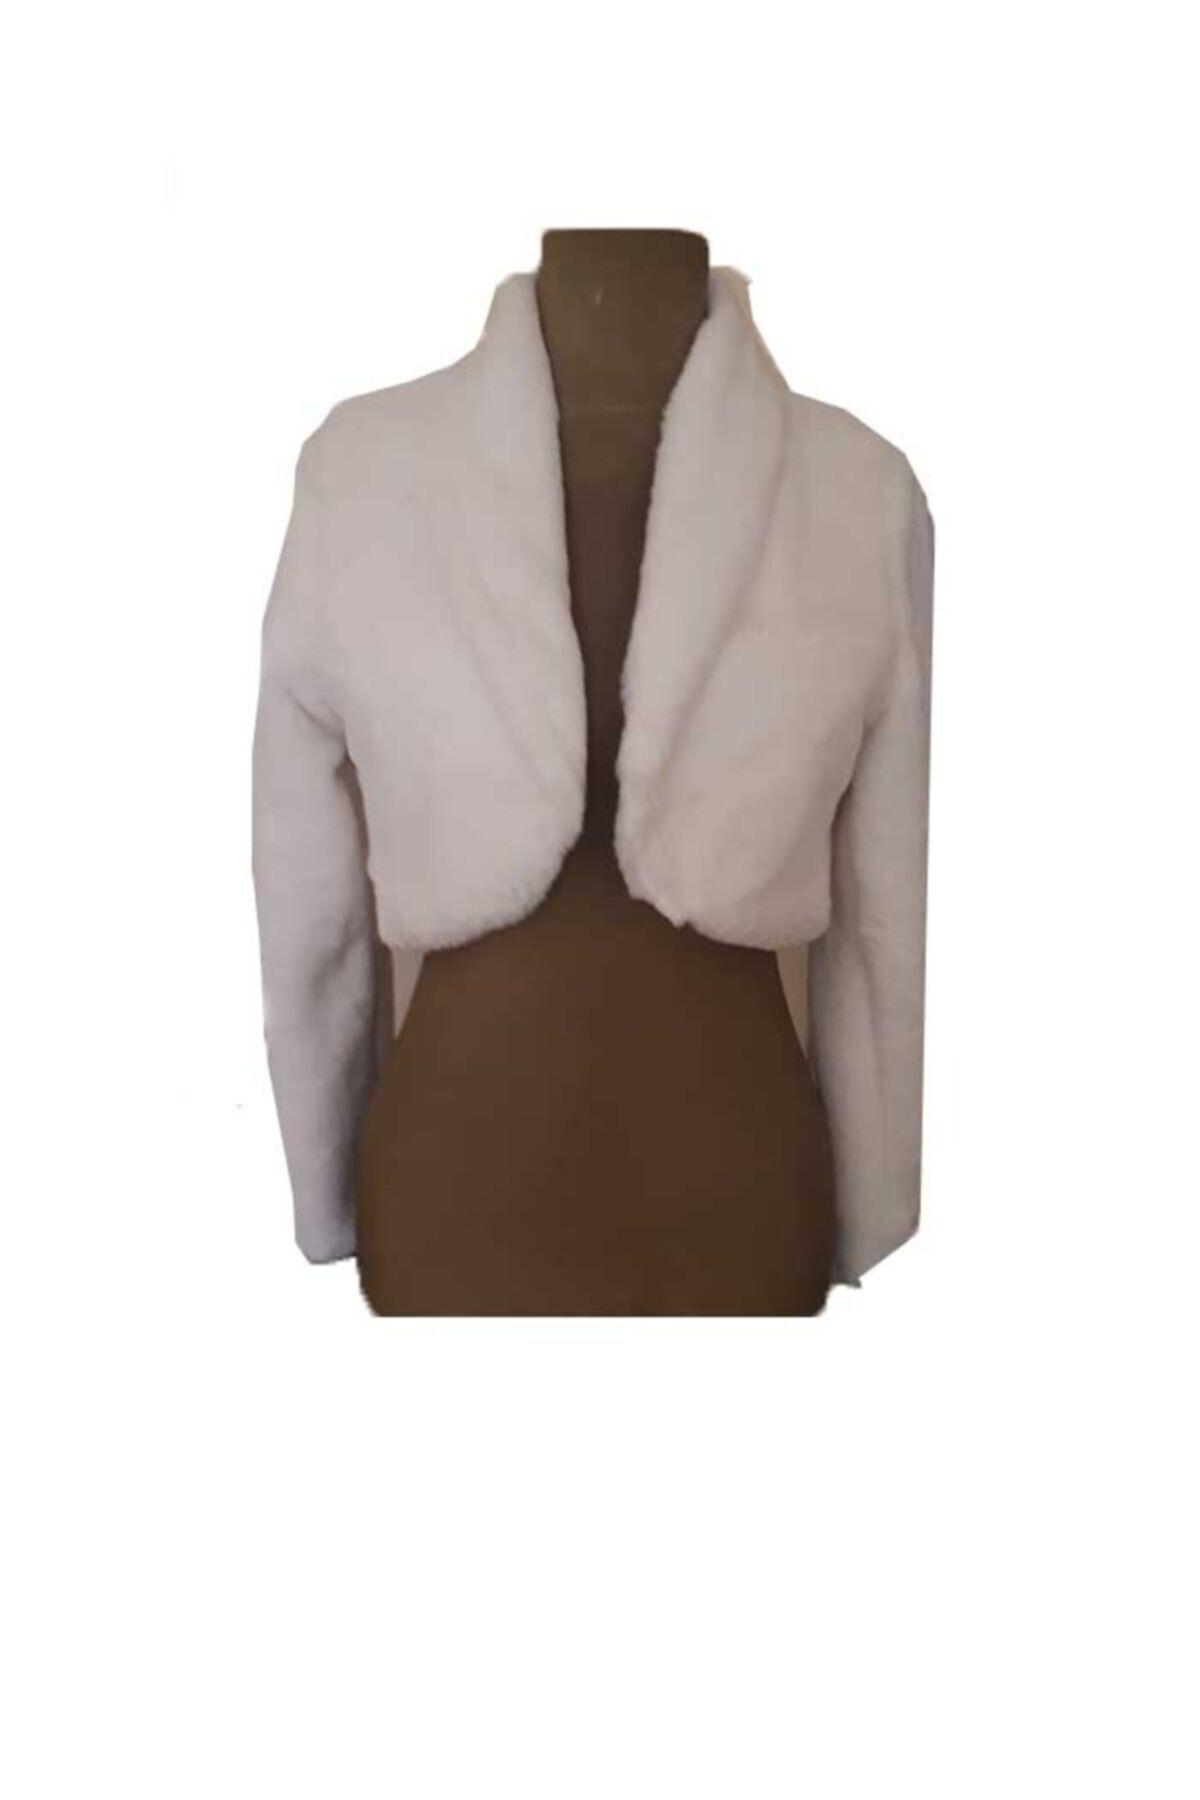 Kadın Ekru Bolero Etol Şeklinde Kısa Kürk Gelinlik Malzemeleri Kürk Ceket